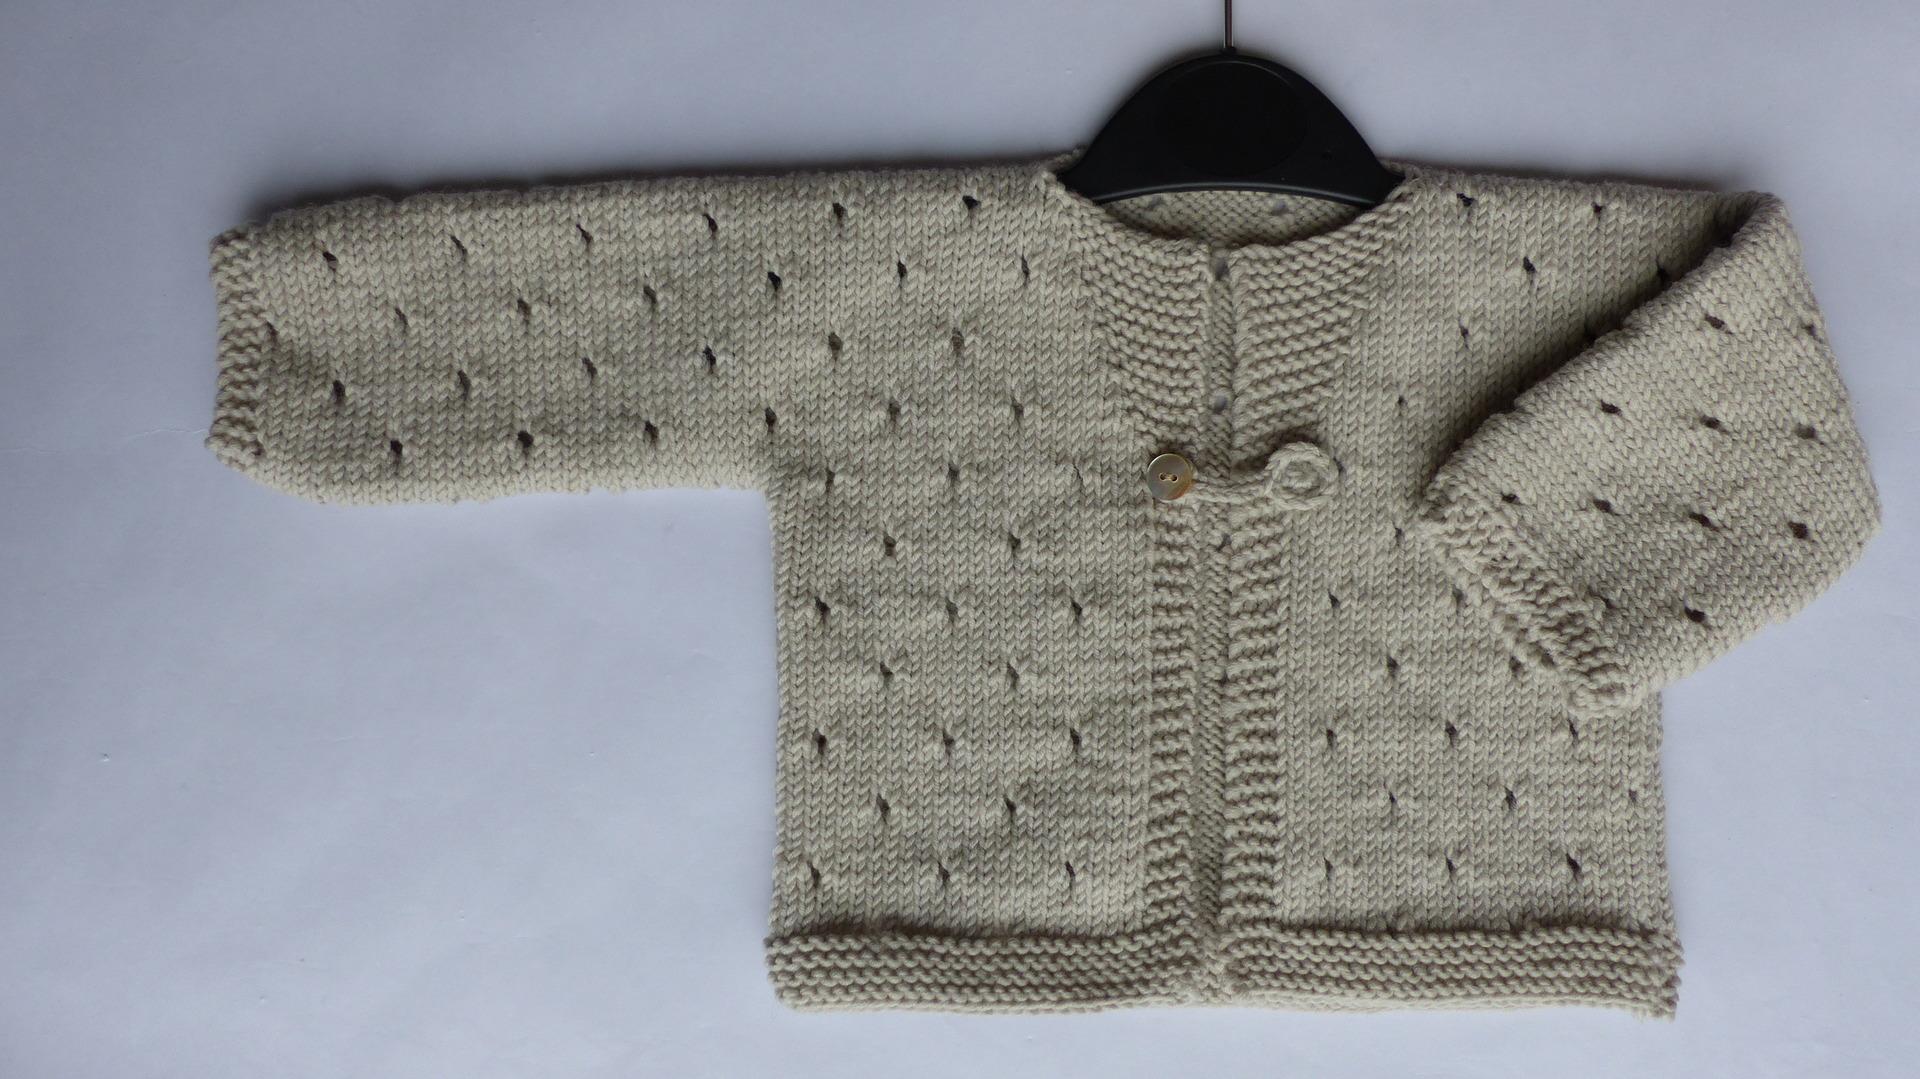 Extrem Tricot gilet bébé 12 mois - Chapka, doudoune, pull & Vetement d'hiver KU26